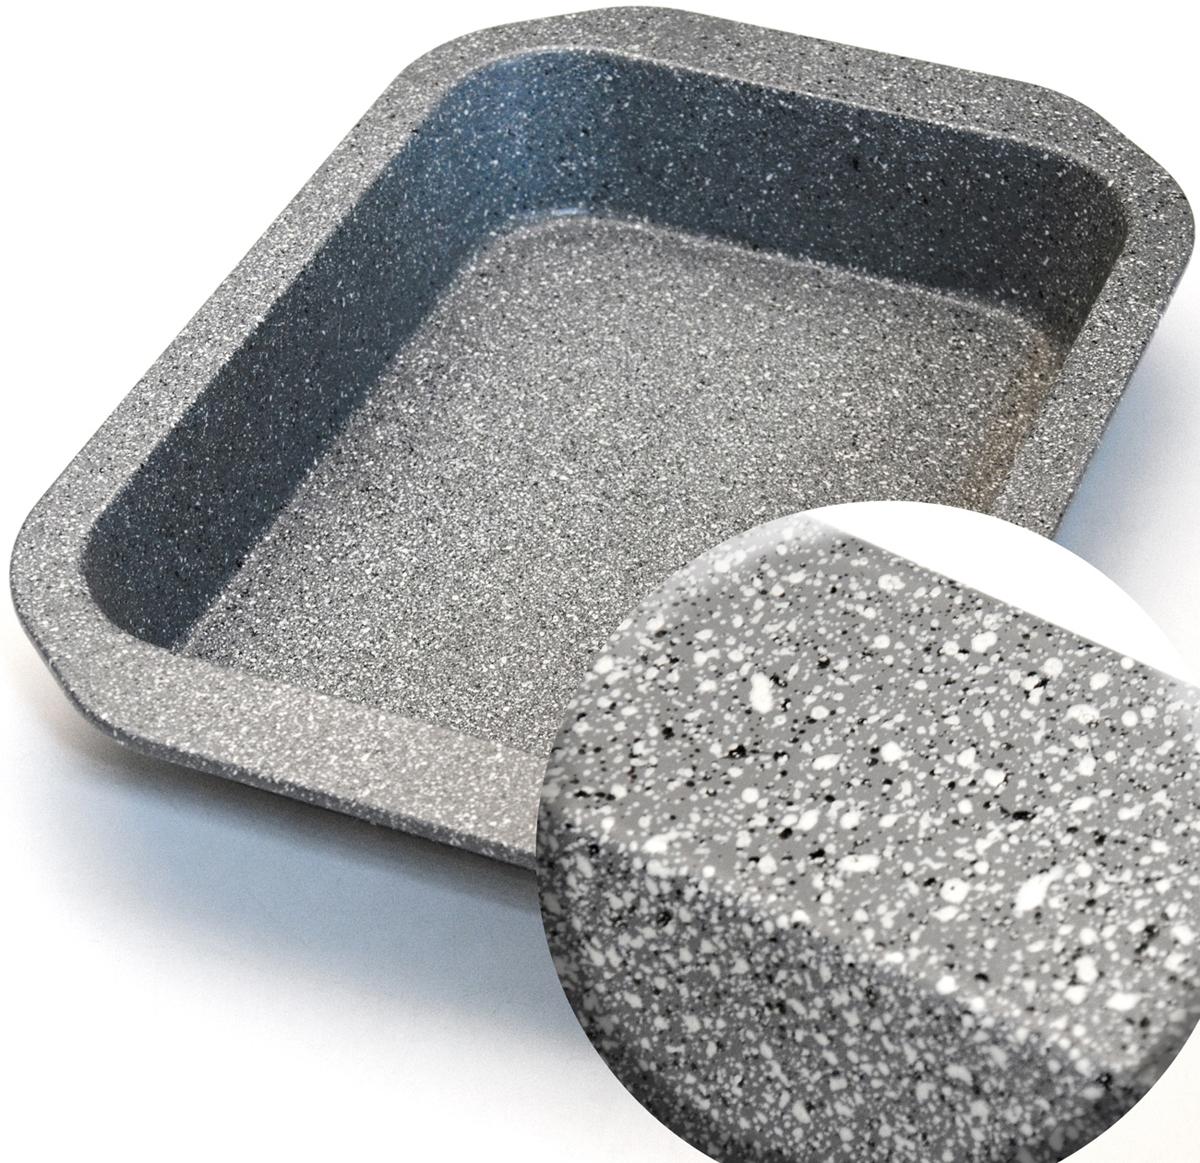 """Противень """"Mayer & Boch"""" изготовлен из высококачественной углеродистой стали с антипригарным мраморным покрытием. Толщина изделия составляет 6 мм, что обеспечивает изделию долговечность. Основной плюс посуды этого типа заключается в том, что эта посуда не перегревается, соответственно не разрушается антипригарный слой. Мраморное покрытие делает возможным приготовление блюд без масла. Оно обладает повышенной стойкостью к царапинам и внешним воздействиям. Такая посуда незаменима для приготовления запеканок, всевозможных блюд из мяса и овощей, а также выпечки из теста и изысканных кондитерских блюд. Подходит для использования в духовках. Подходит для мытья в посудомоечной машине."""